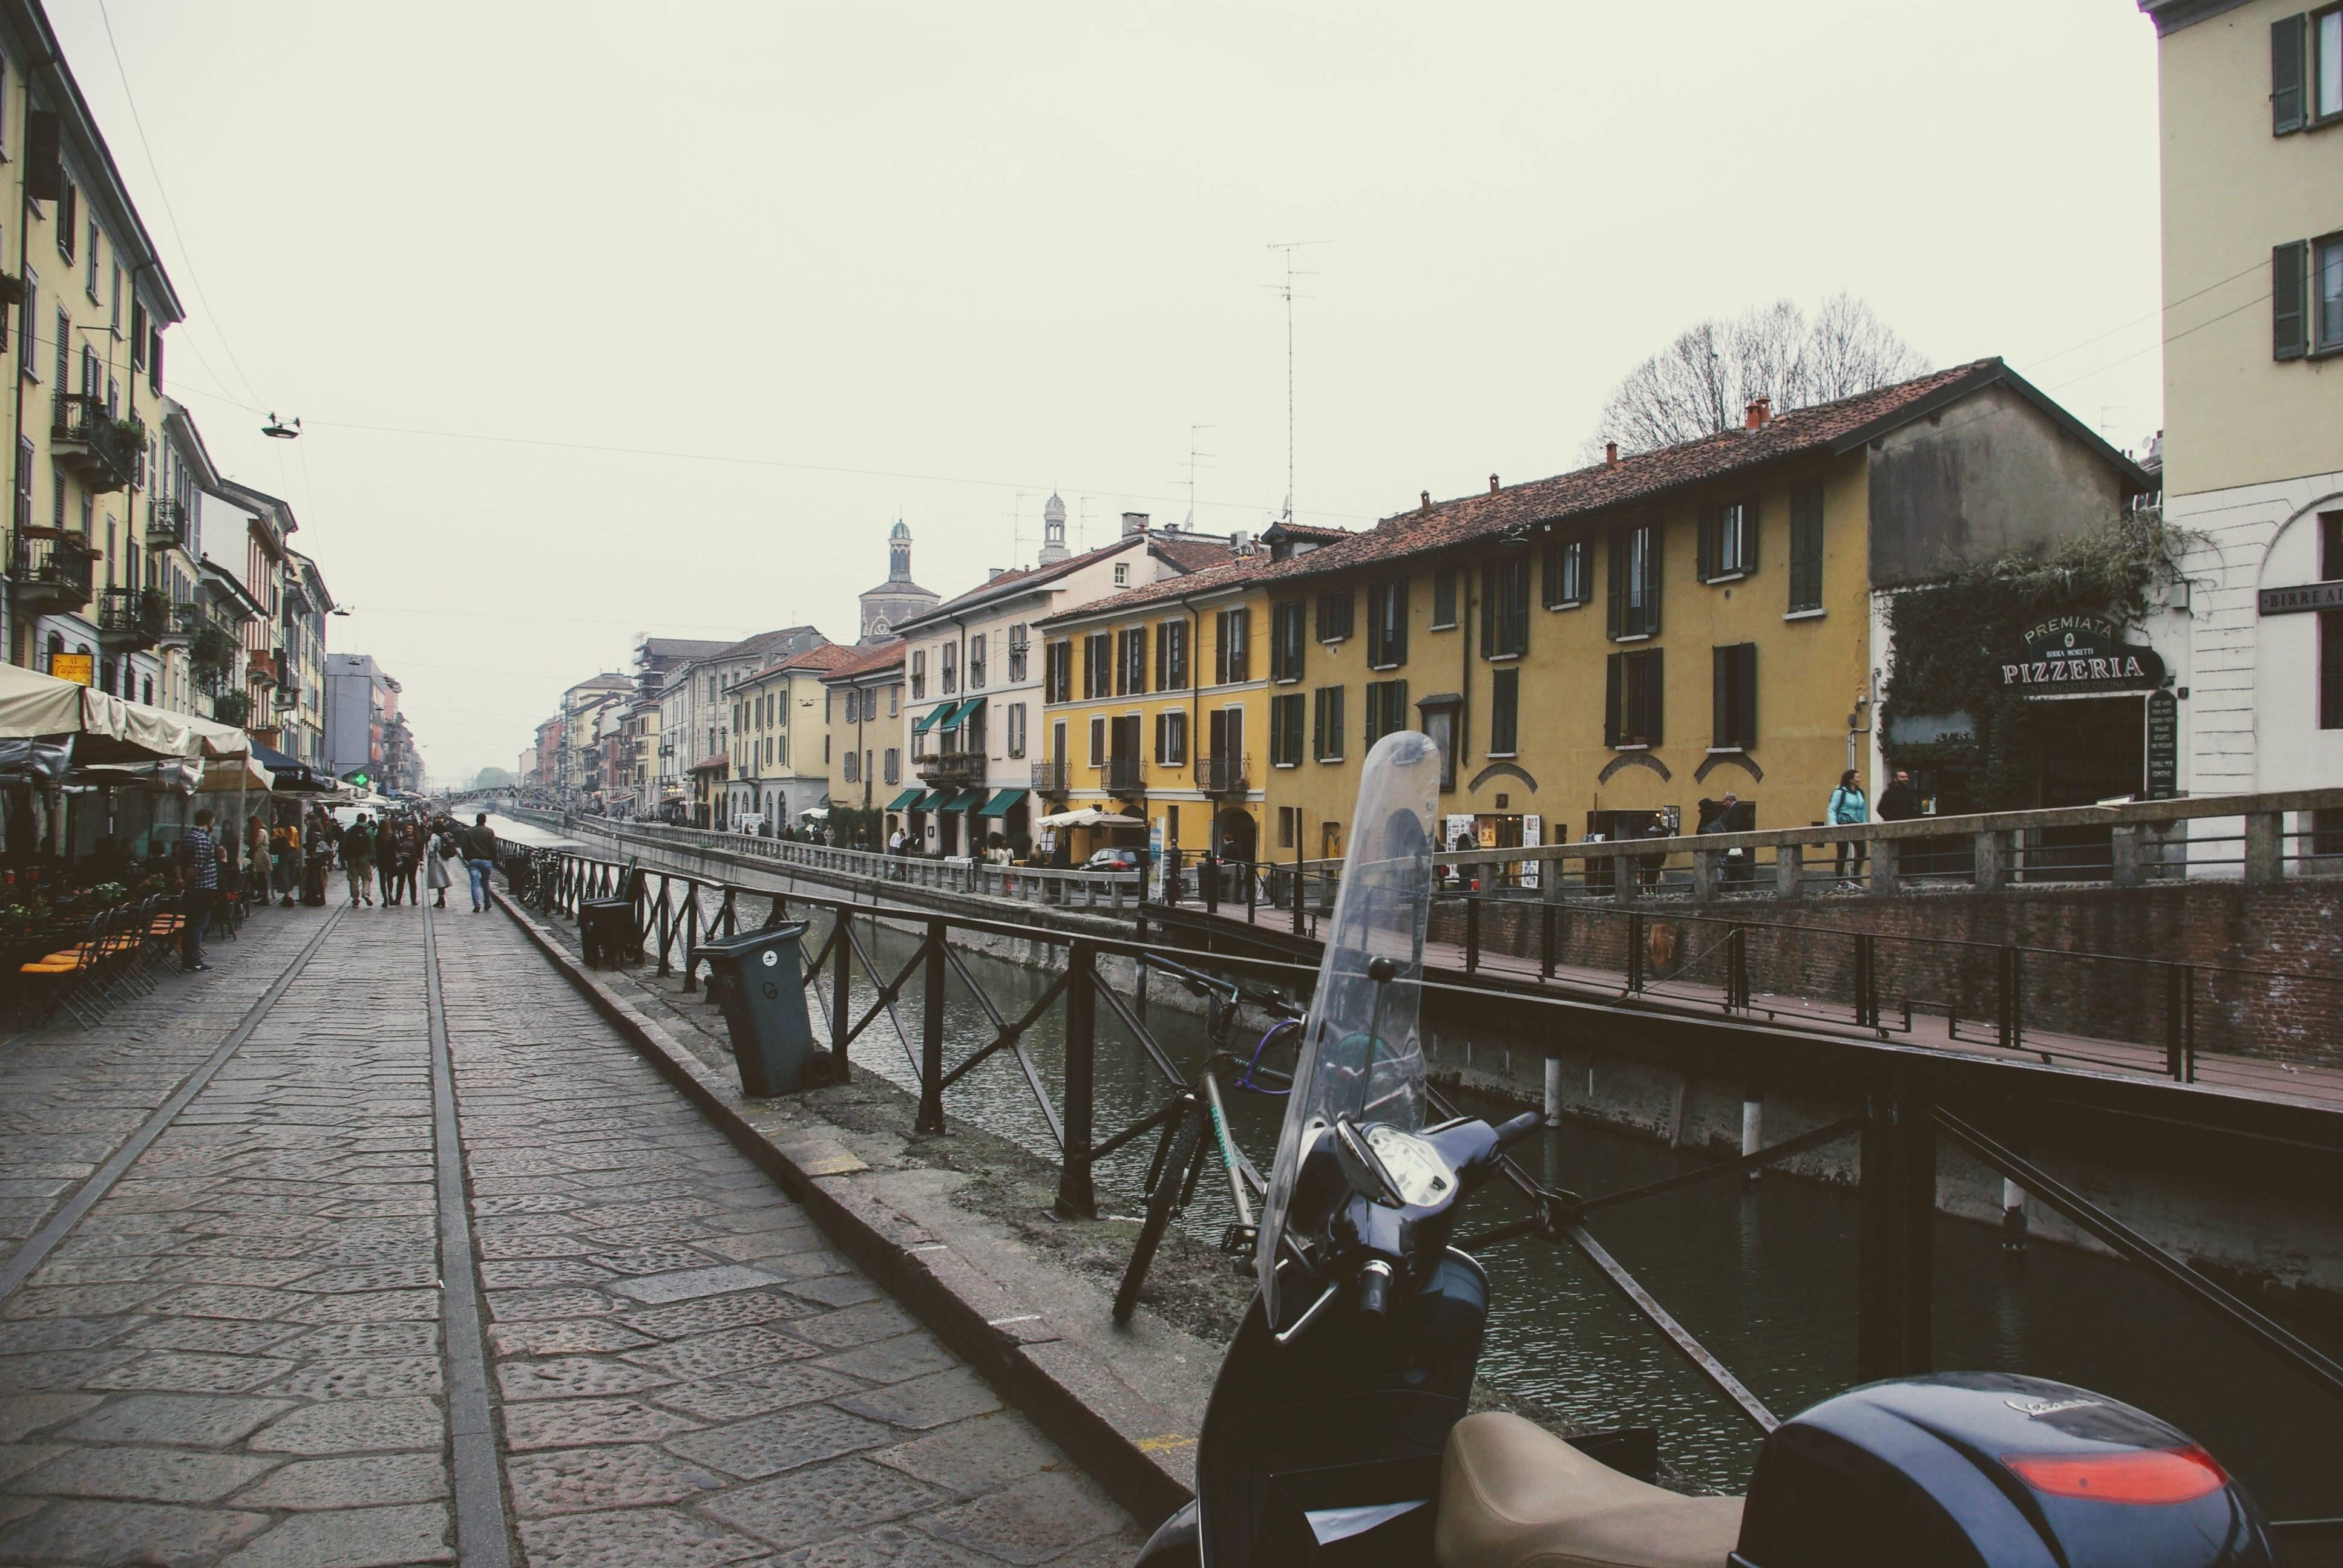 Photo 3: Aperitivo sur les Navigli